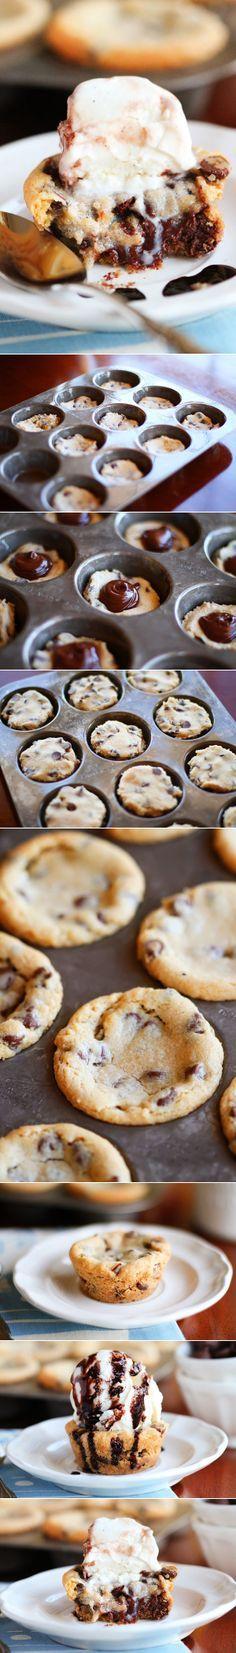 Edmonds basic cookie recipe